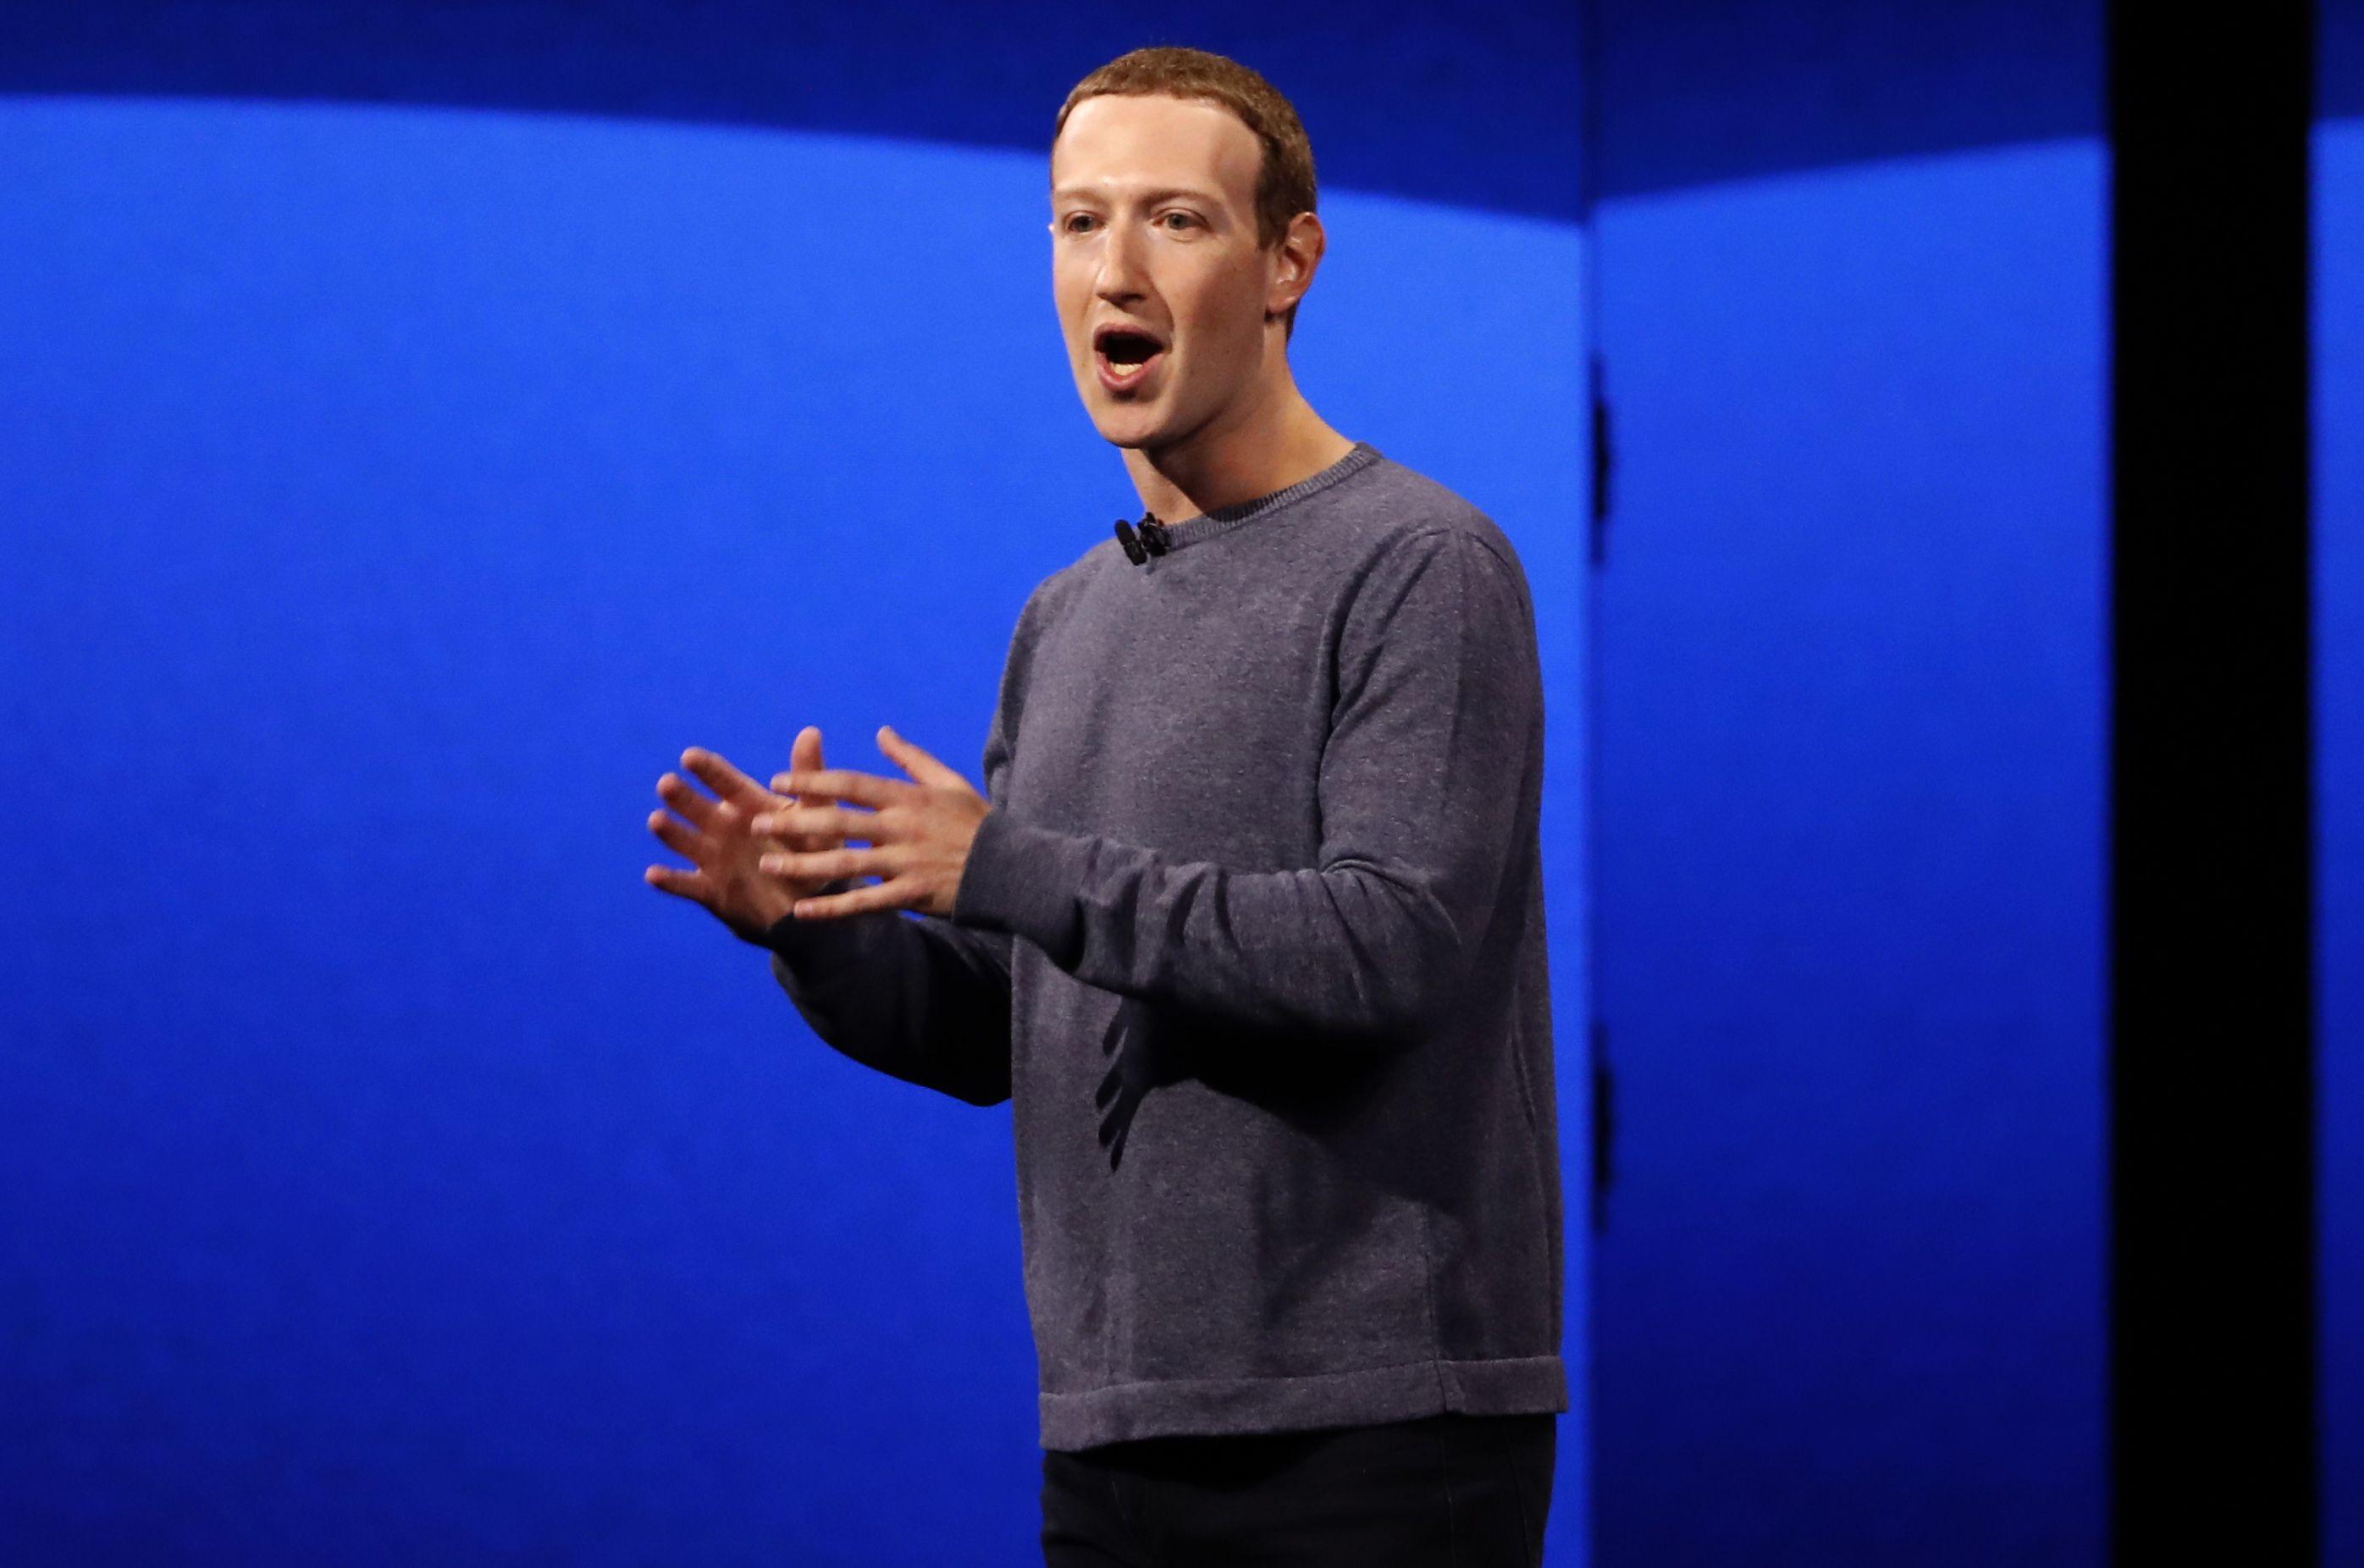 le lancement de la nouvelle cryptomonnaie LIbra de Facebook s'est accélérer pour une mise en place le 18 juin